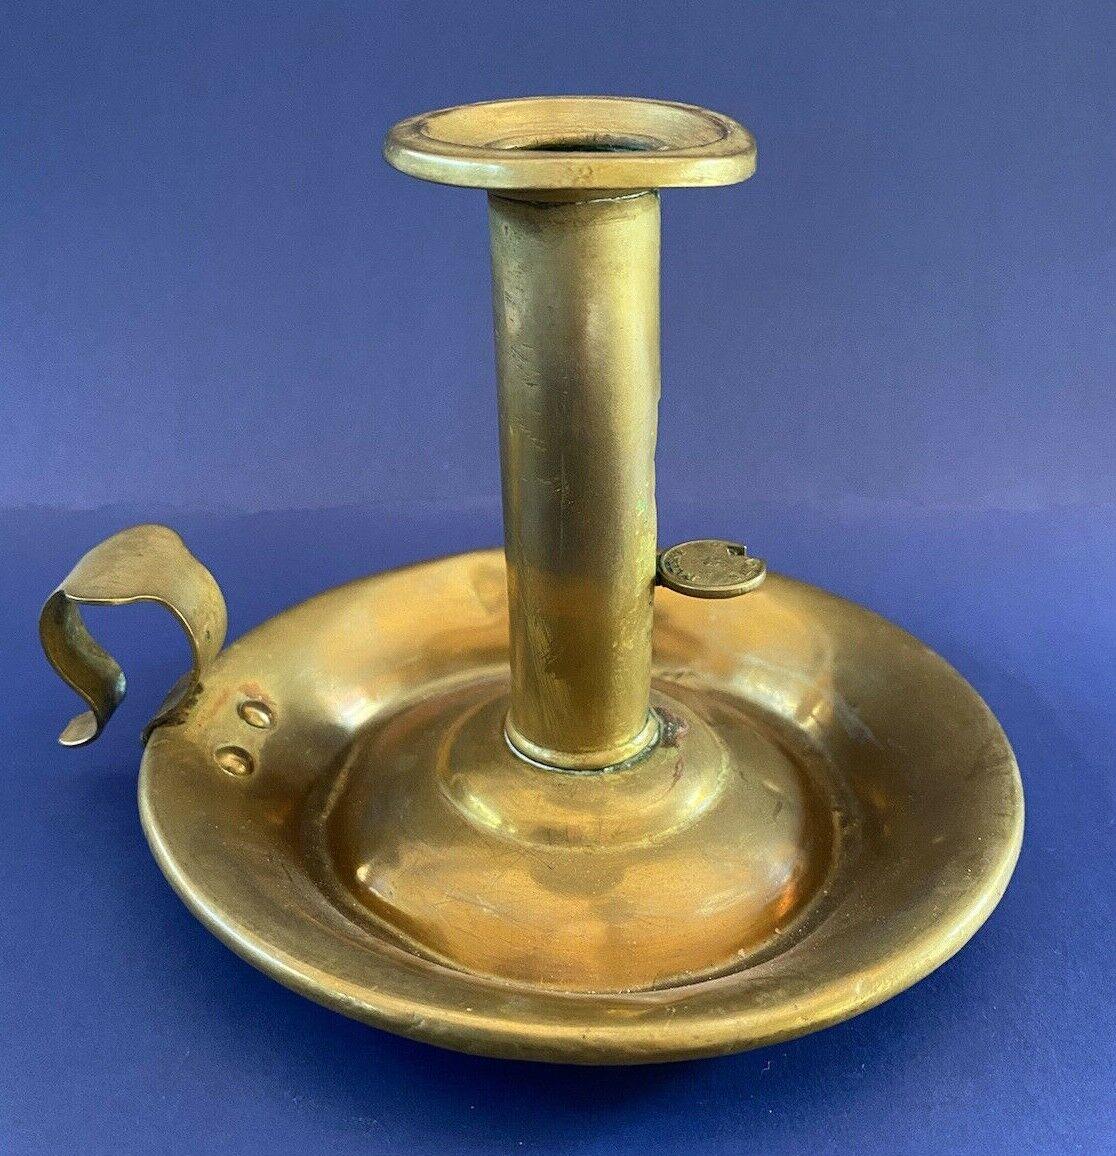 Antique Brass Pushup Chamberstick Candlestick - $45.00